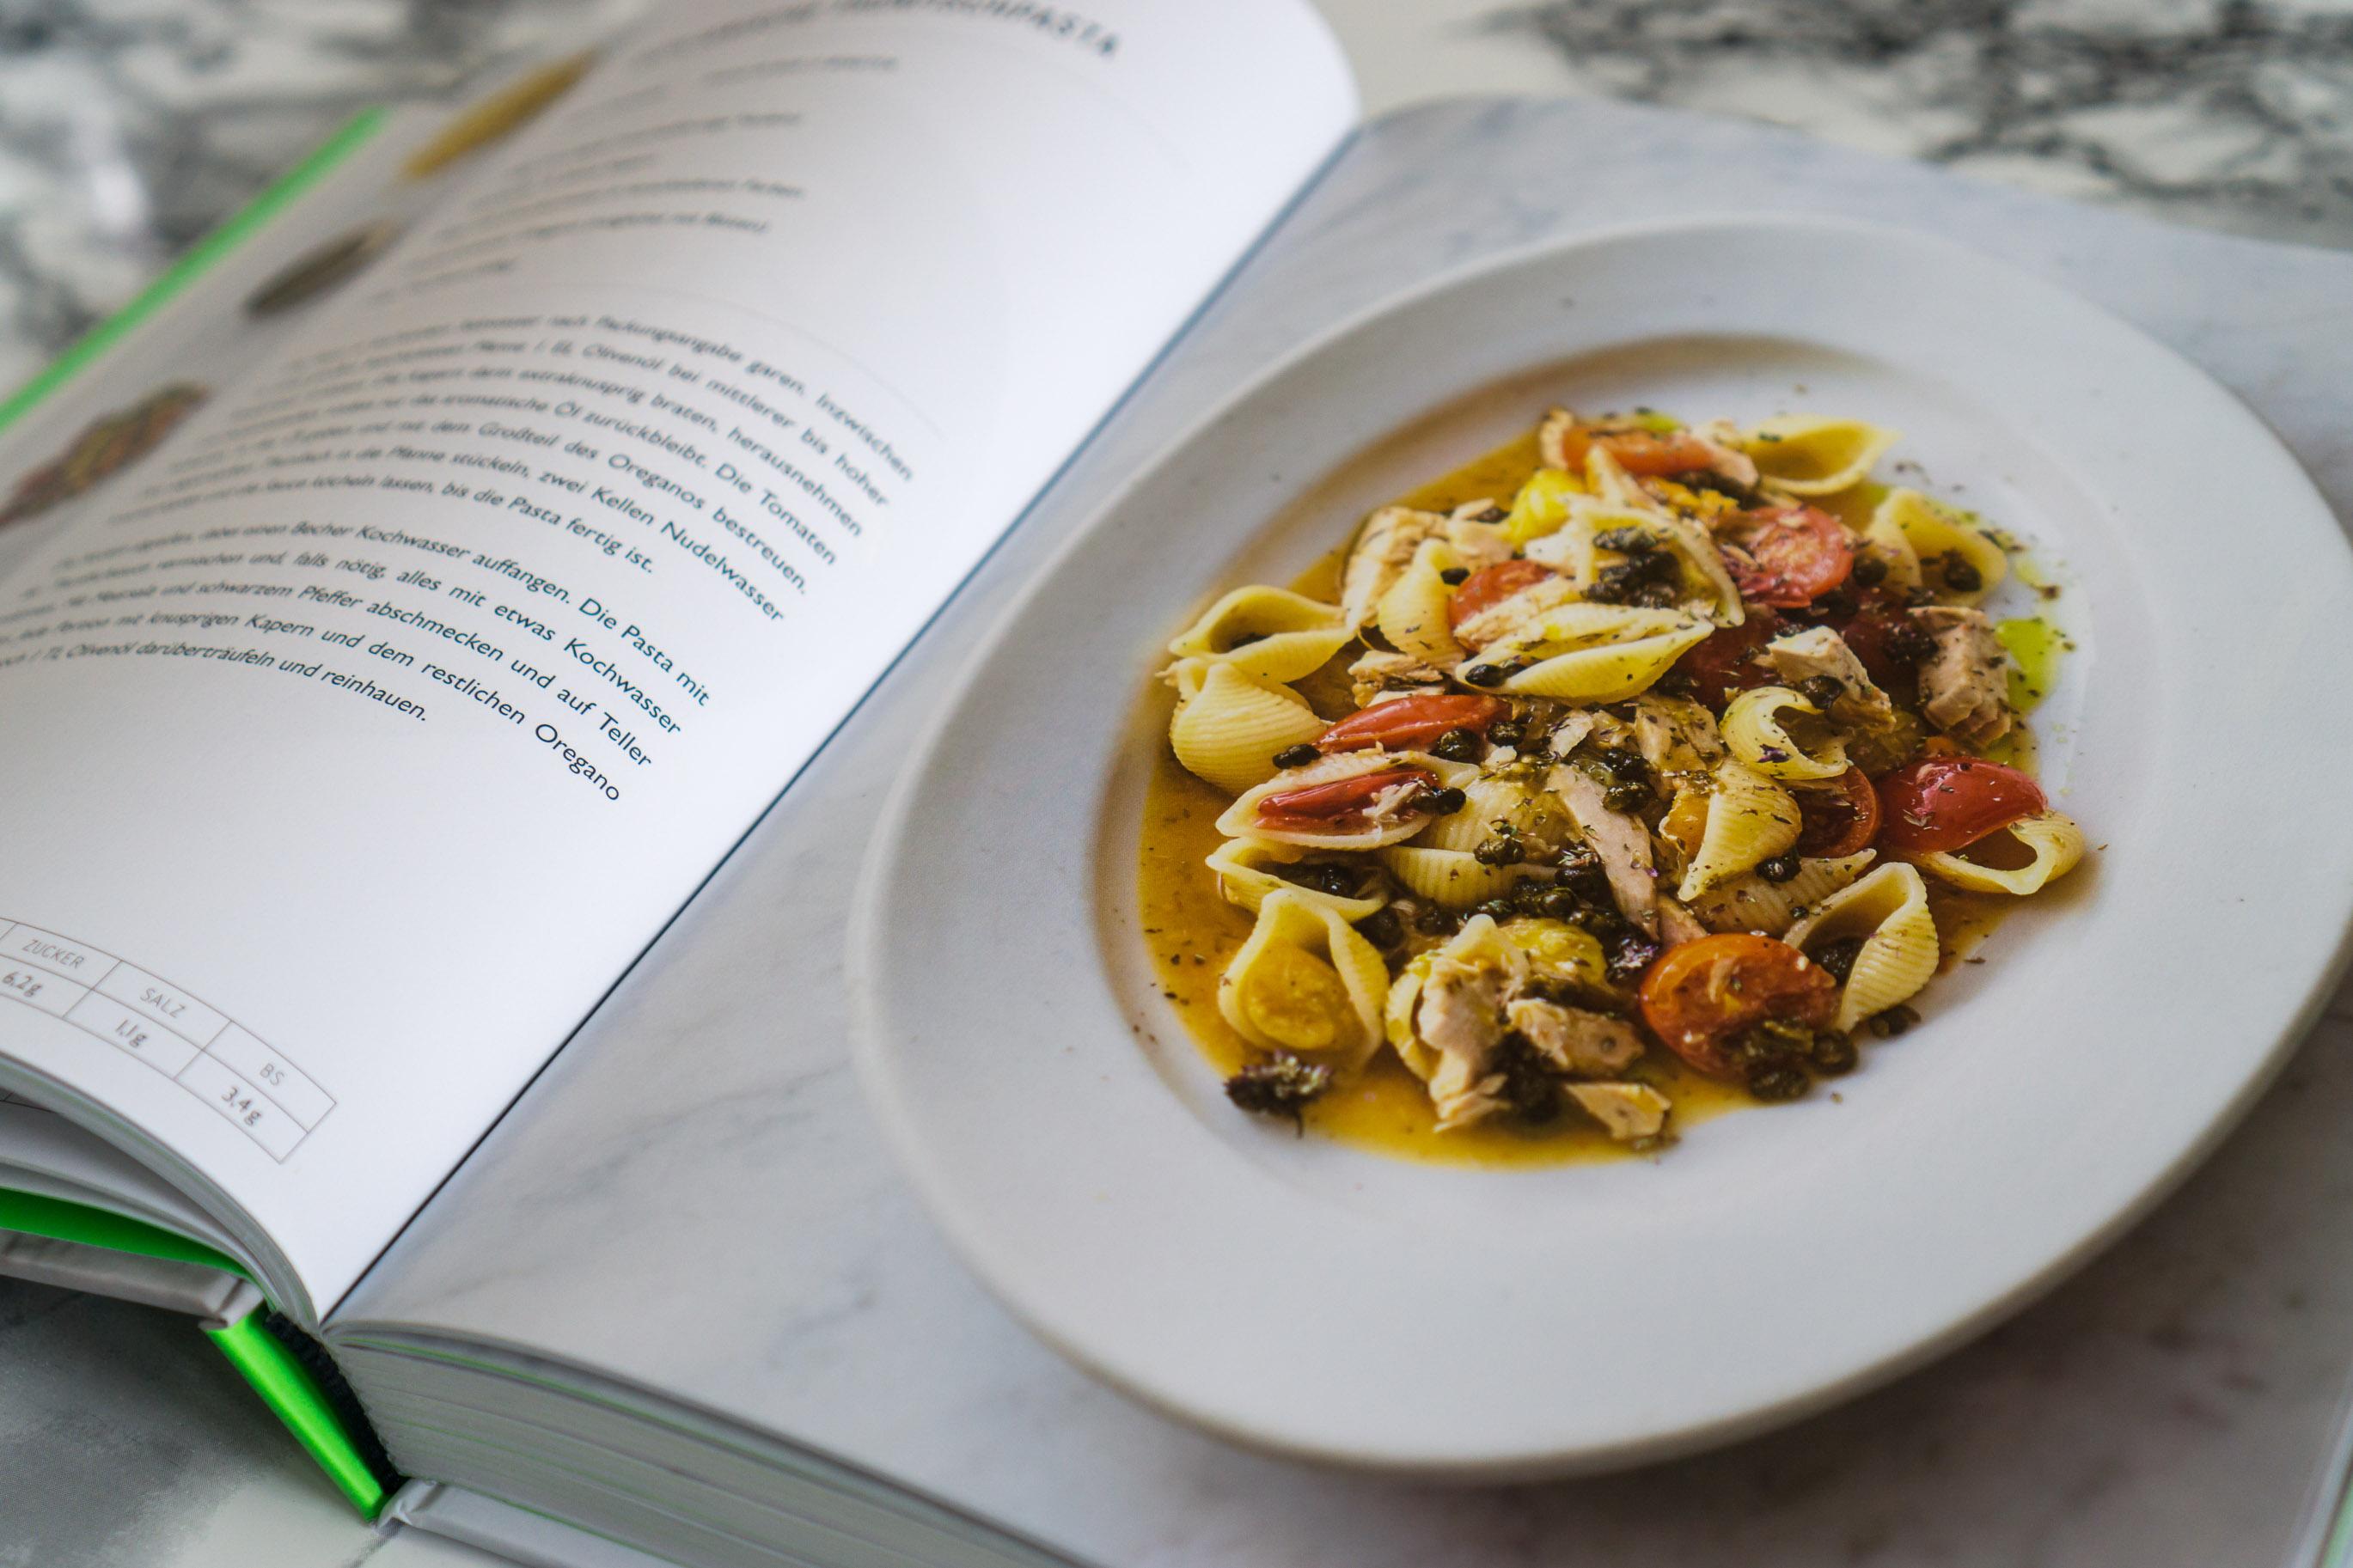 Leichte Sommerküche Jamie Oliver : Jamies minuten küche rezepte sixx jamies minuten kche